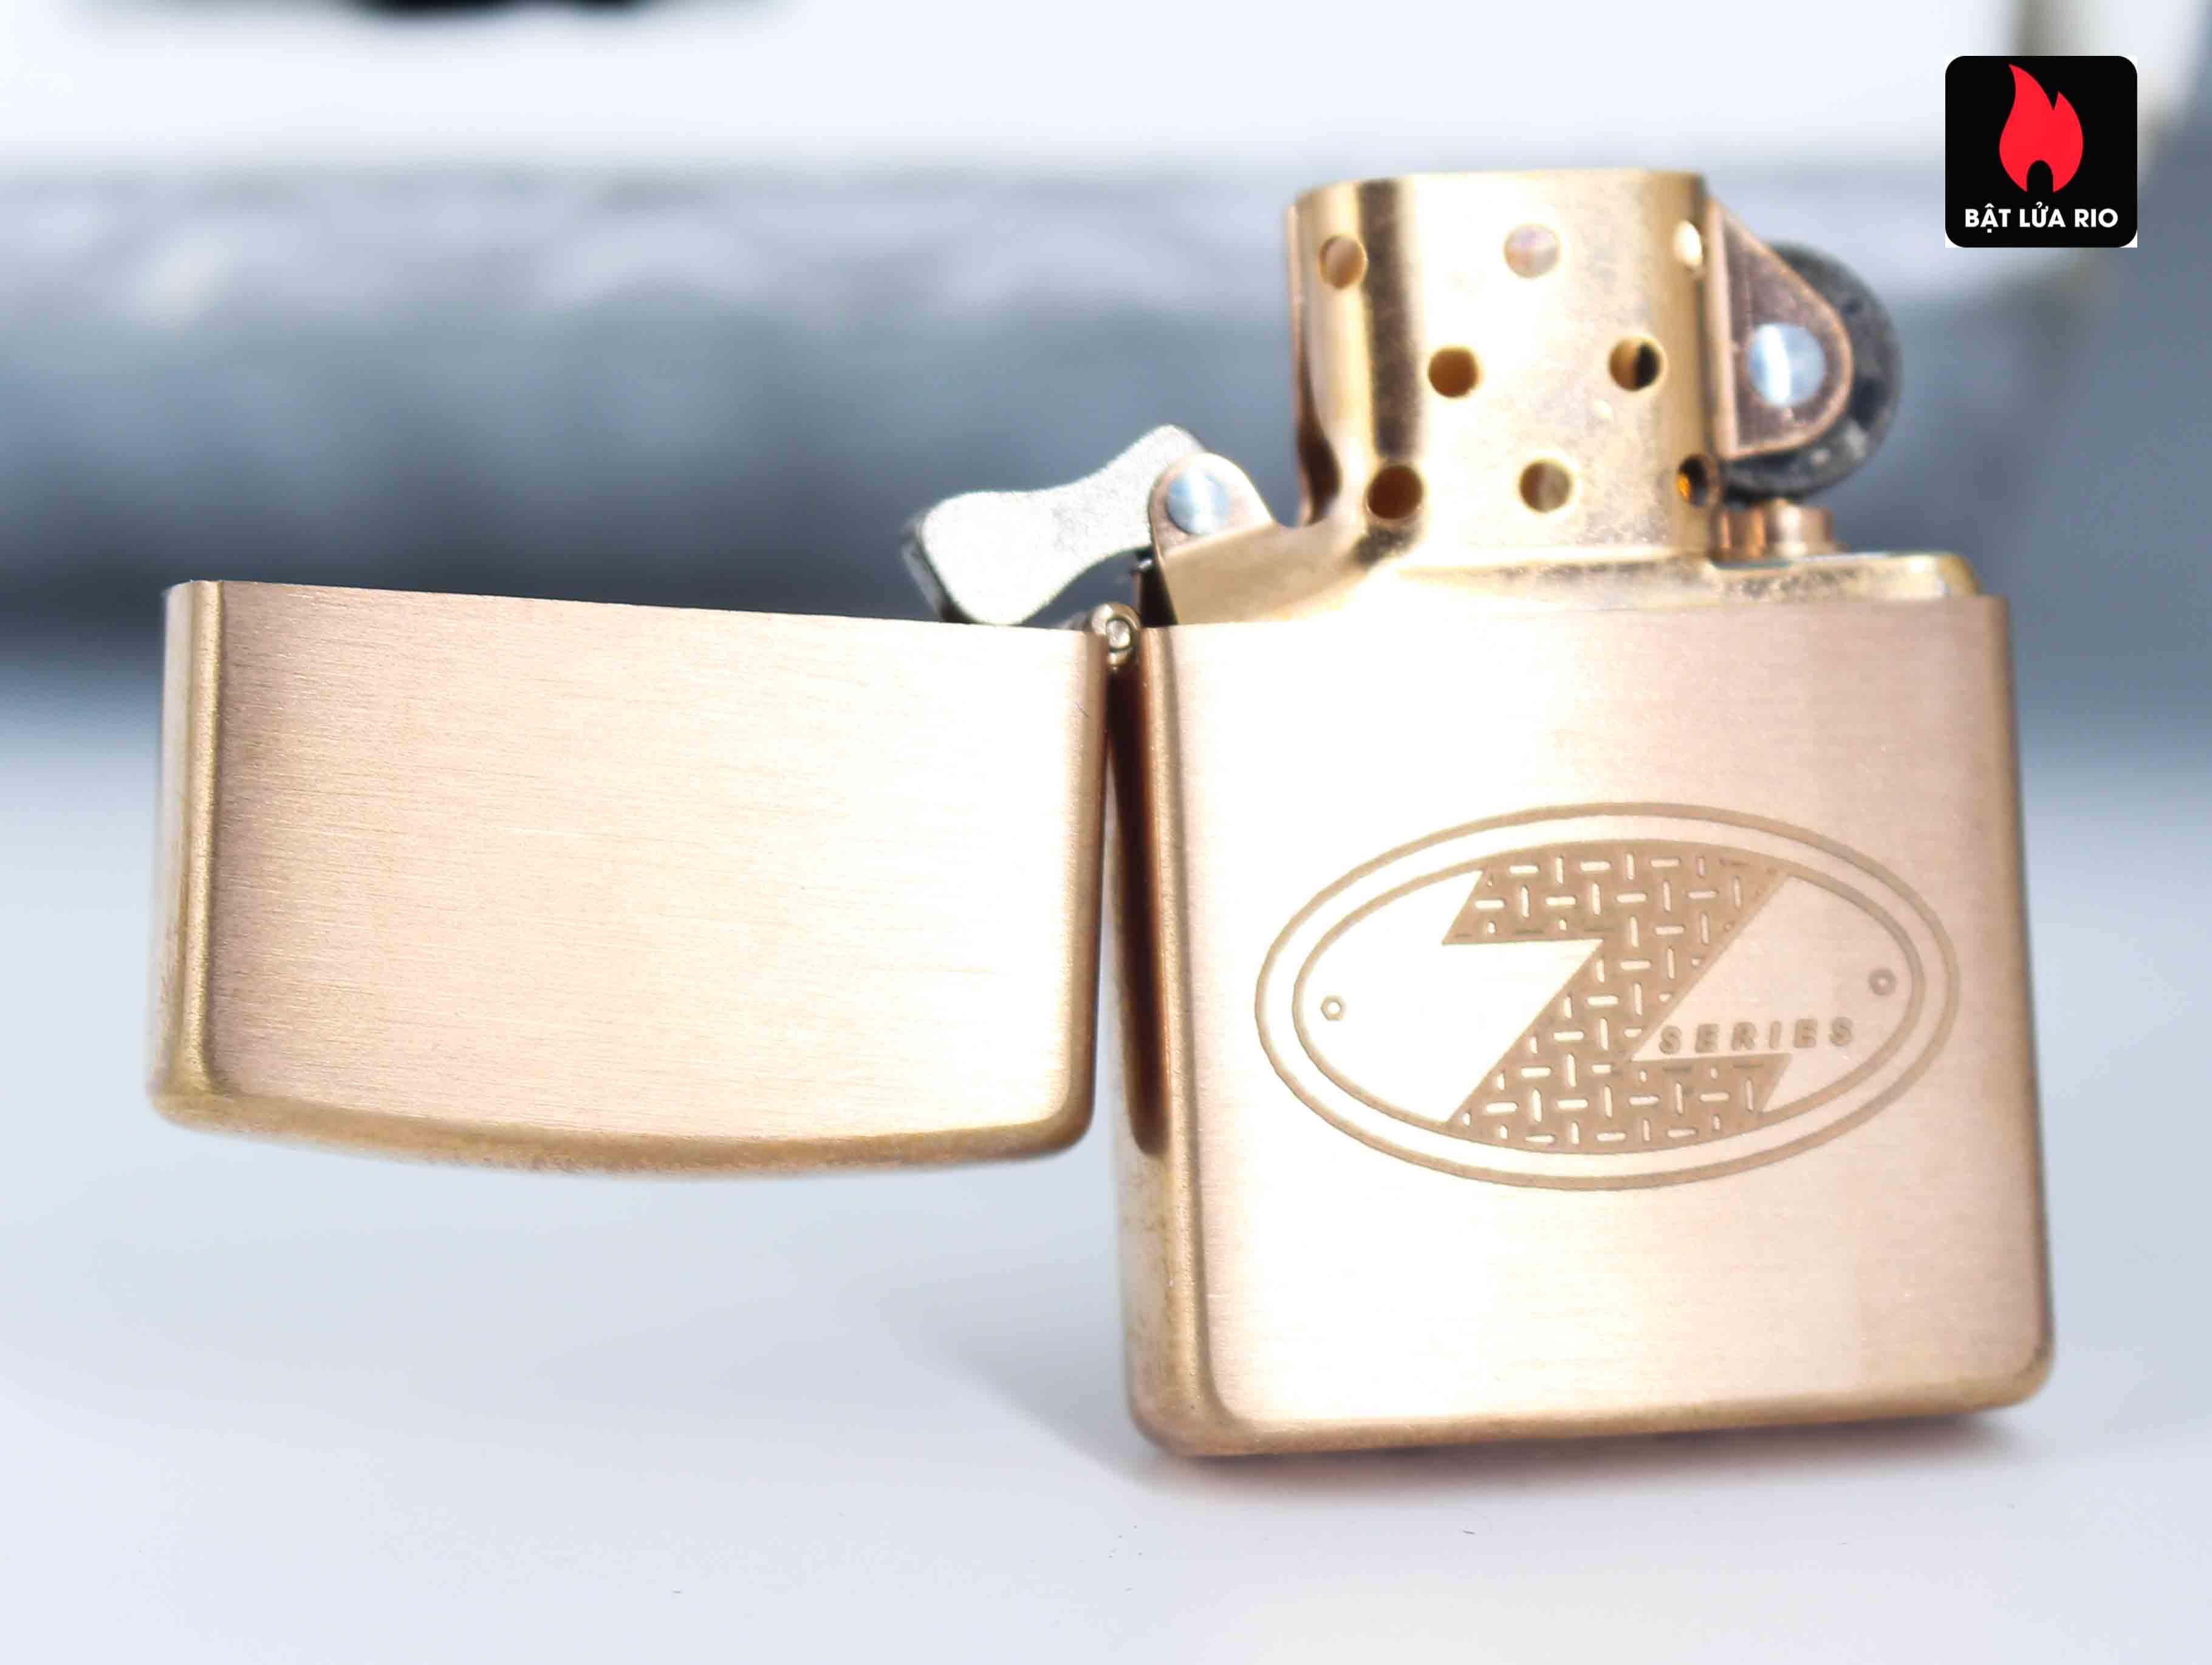 Zippo 2002 – Zippo Z-Series Copper Project – EU - Limited 1505/3646 E 3